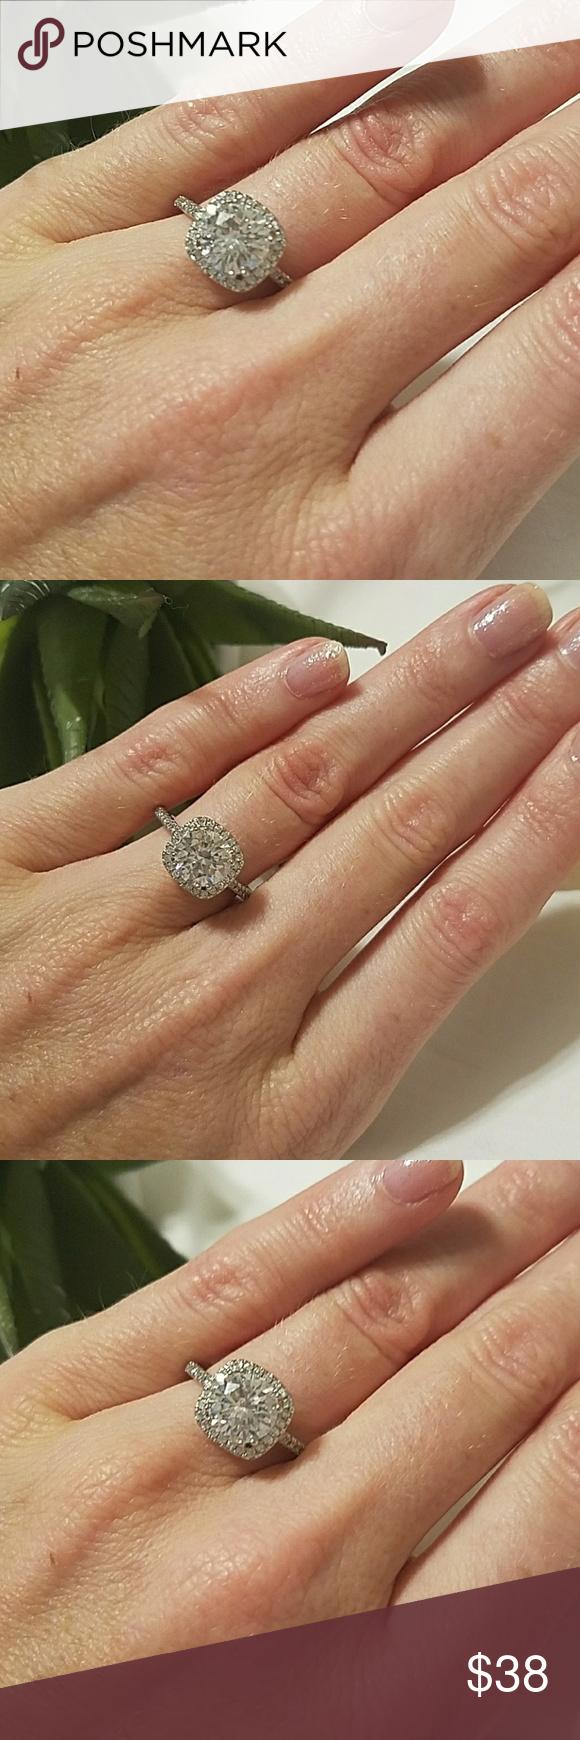 Exquisite diamonique 925 halo engagement ring I simply adore this ...